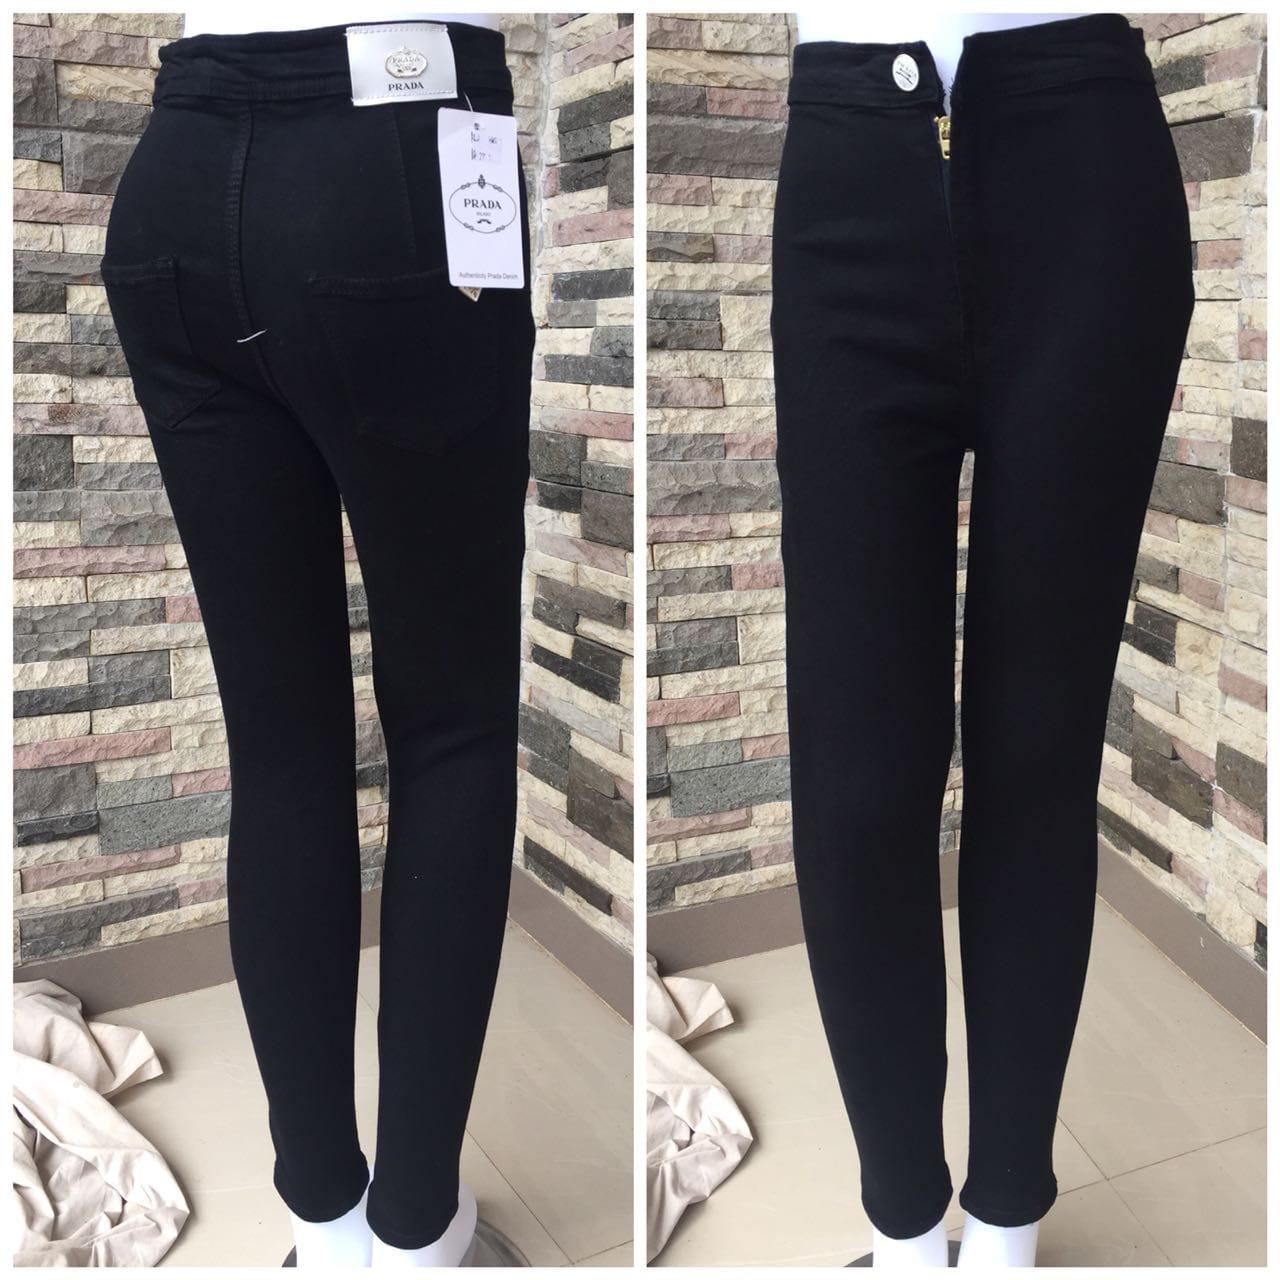 celana jeans fashion wanita haigwes/pinggang tinggi motif tulang